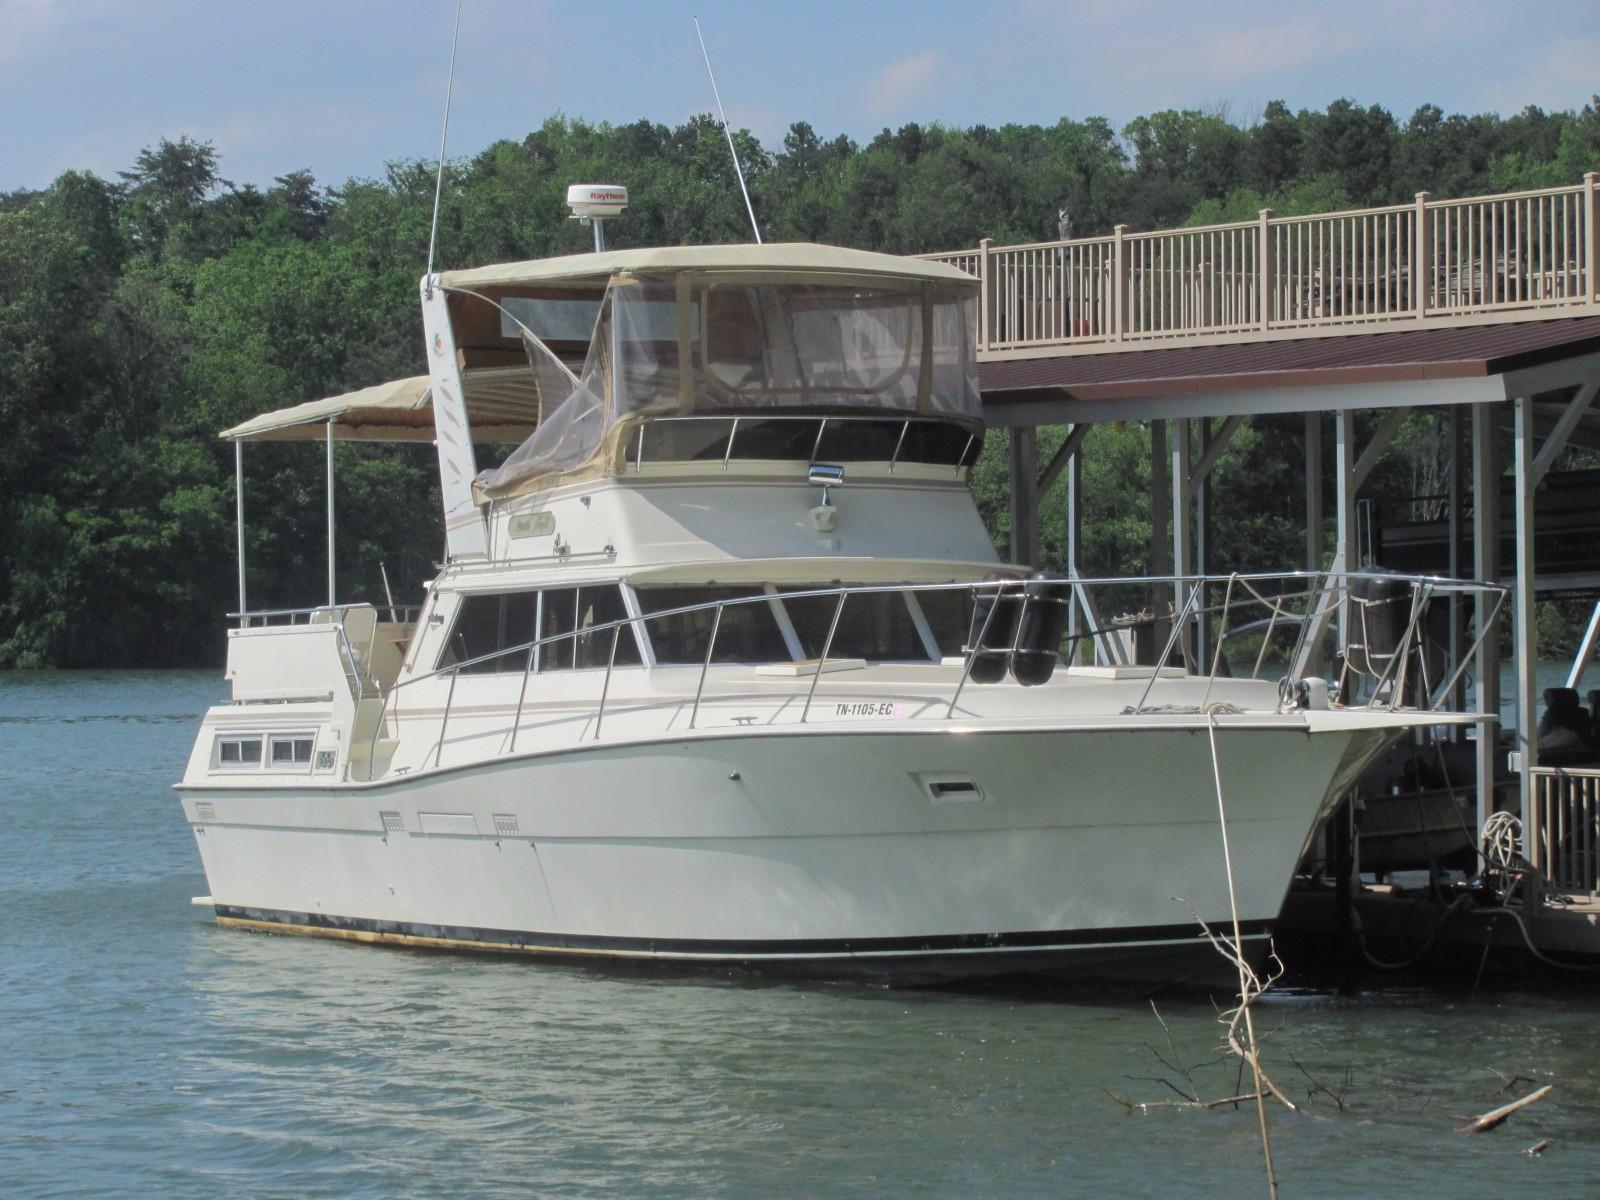 1980 Viking 43 Double Cabin Power Boat For Sale Www